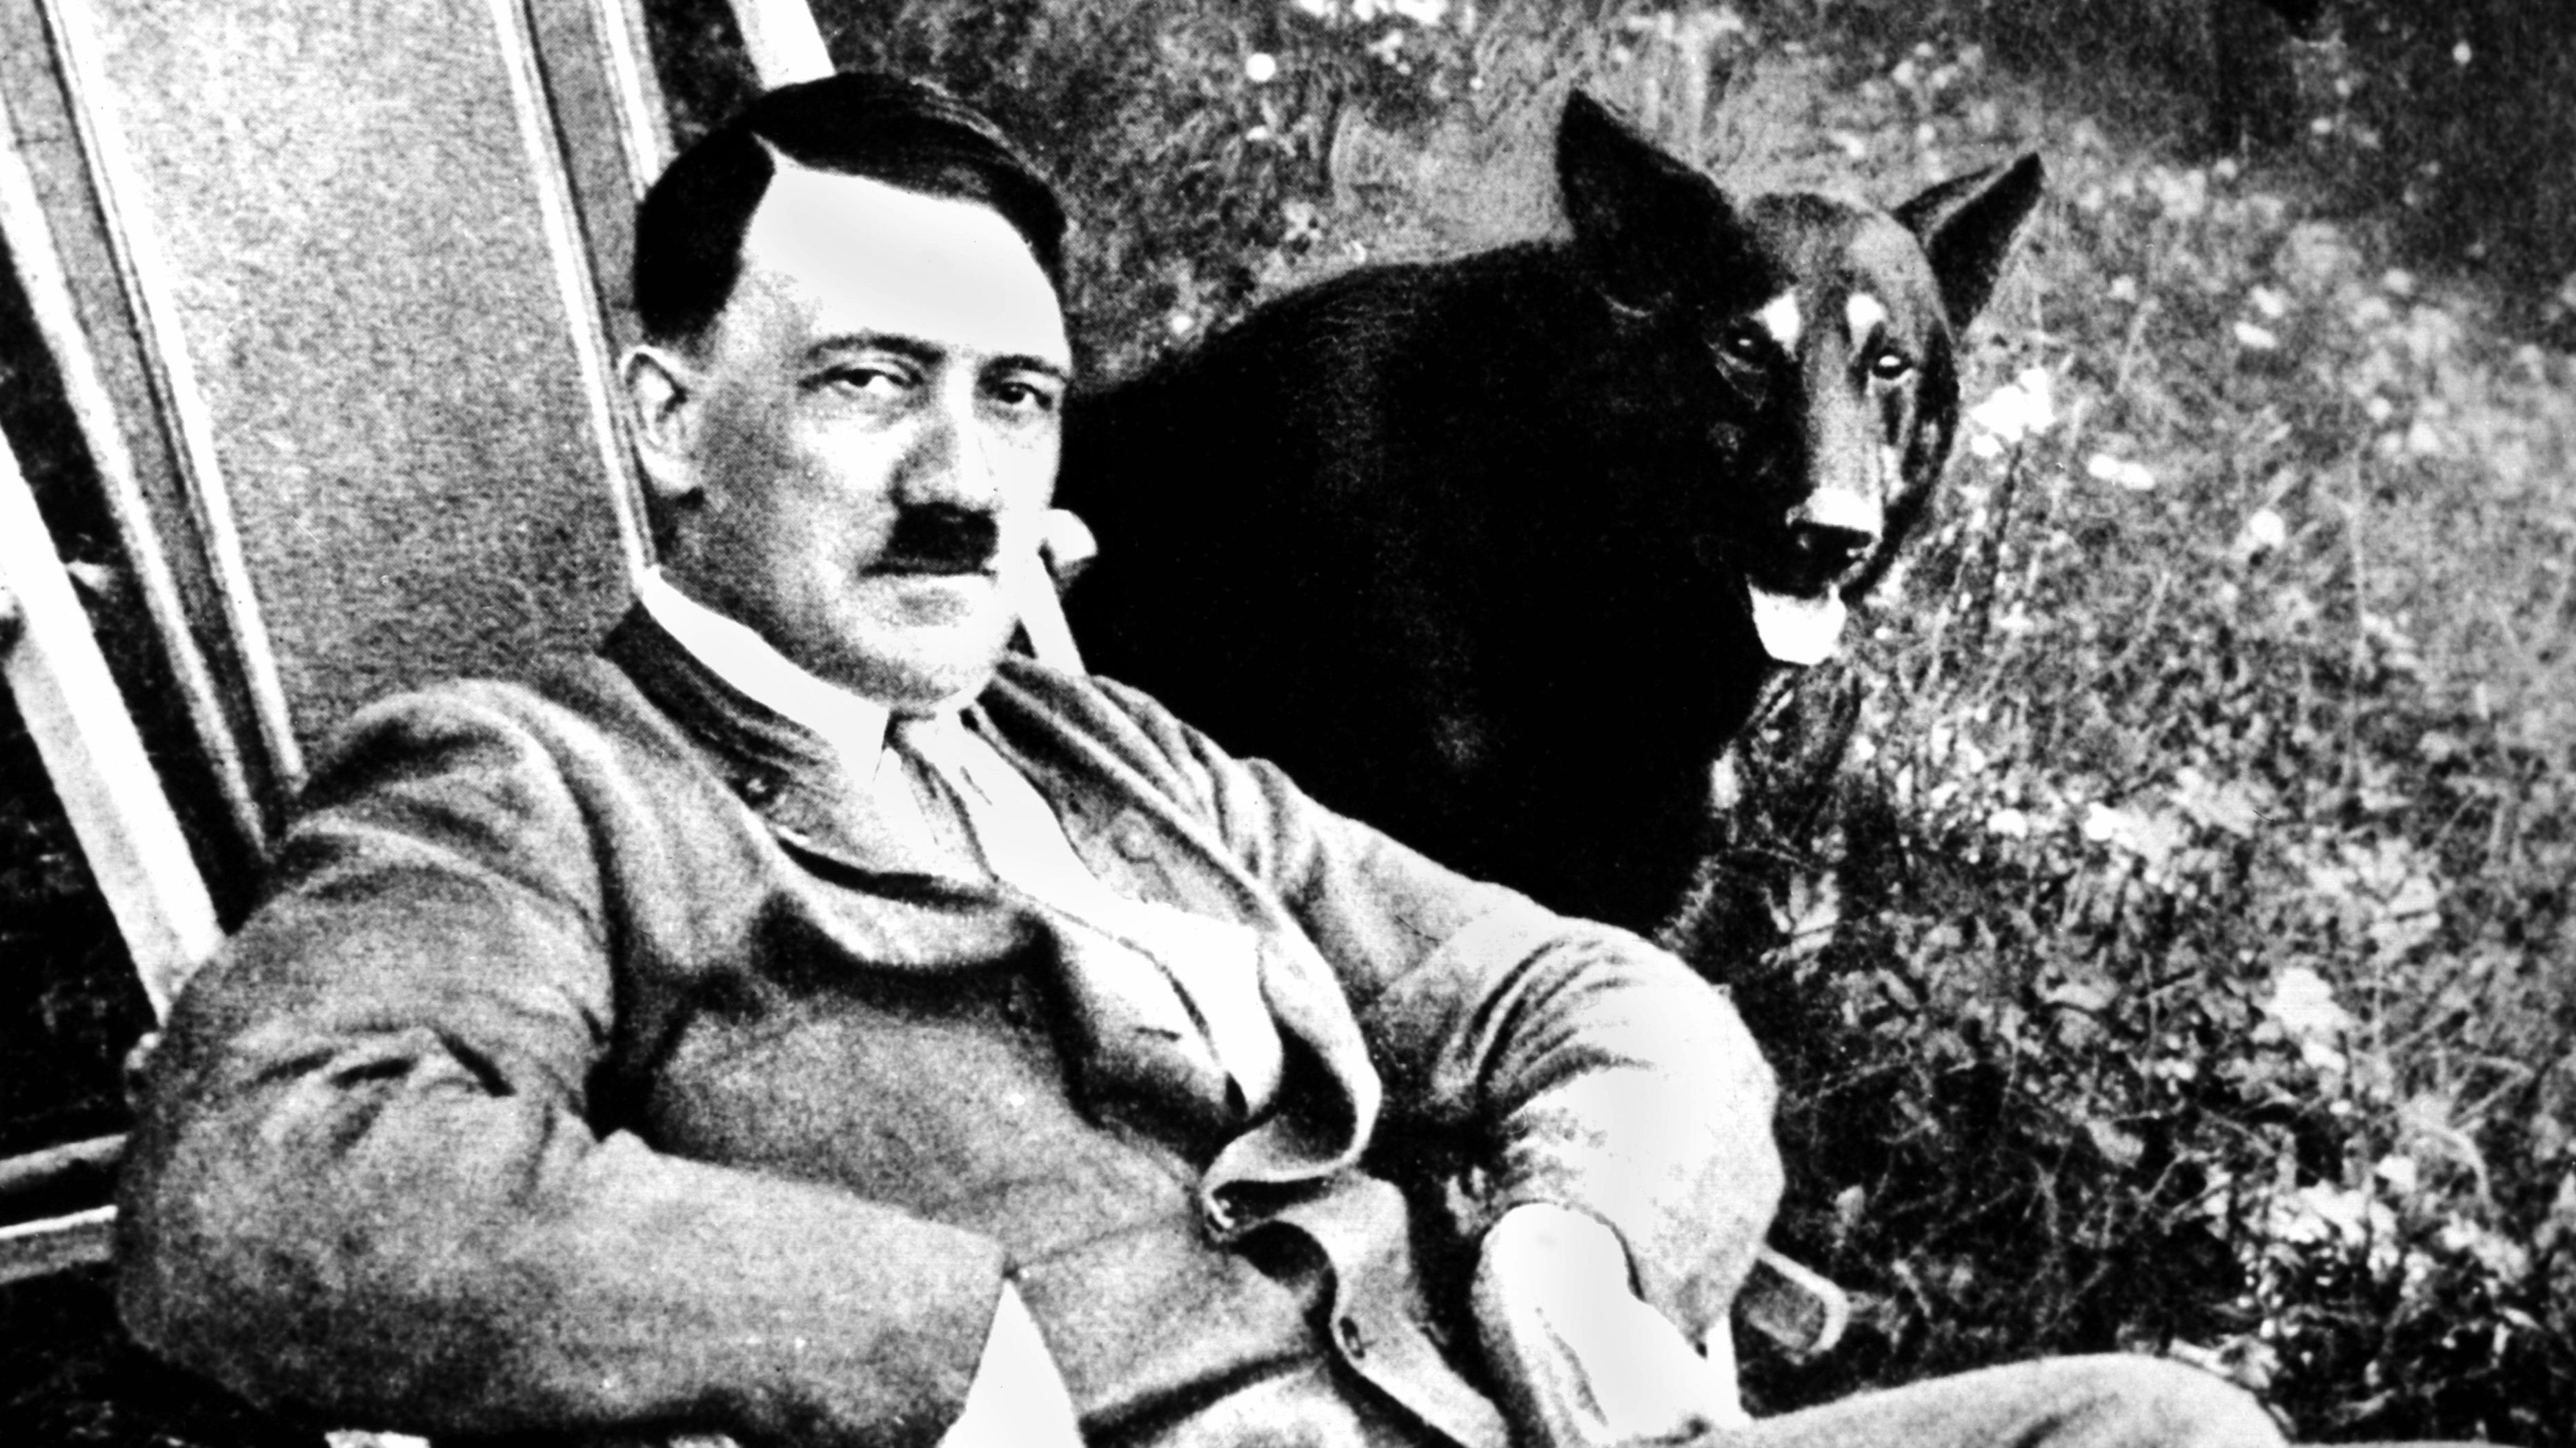 Adolf Hitler im Liegestuhl, daneben sitzt sein Wolfshund im Gras